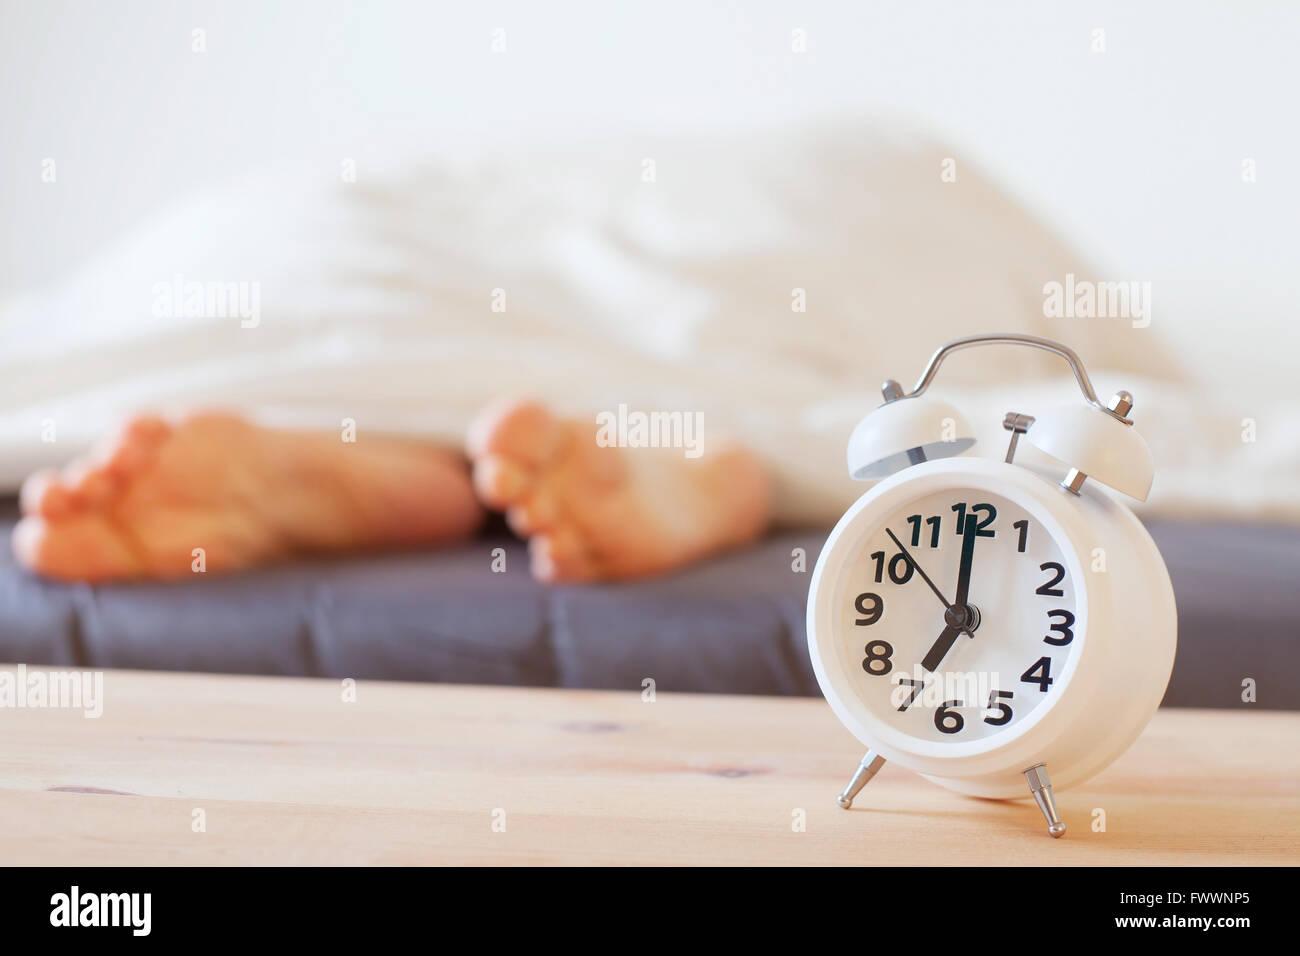 Reloj con alarma y pies de la persona que duerme, mañana concepto, wake up Imagen De Stock